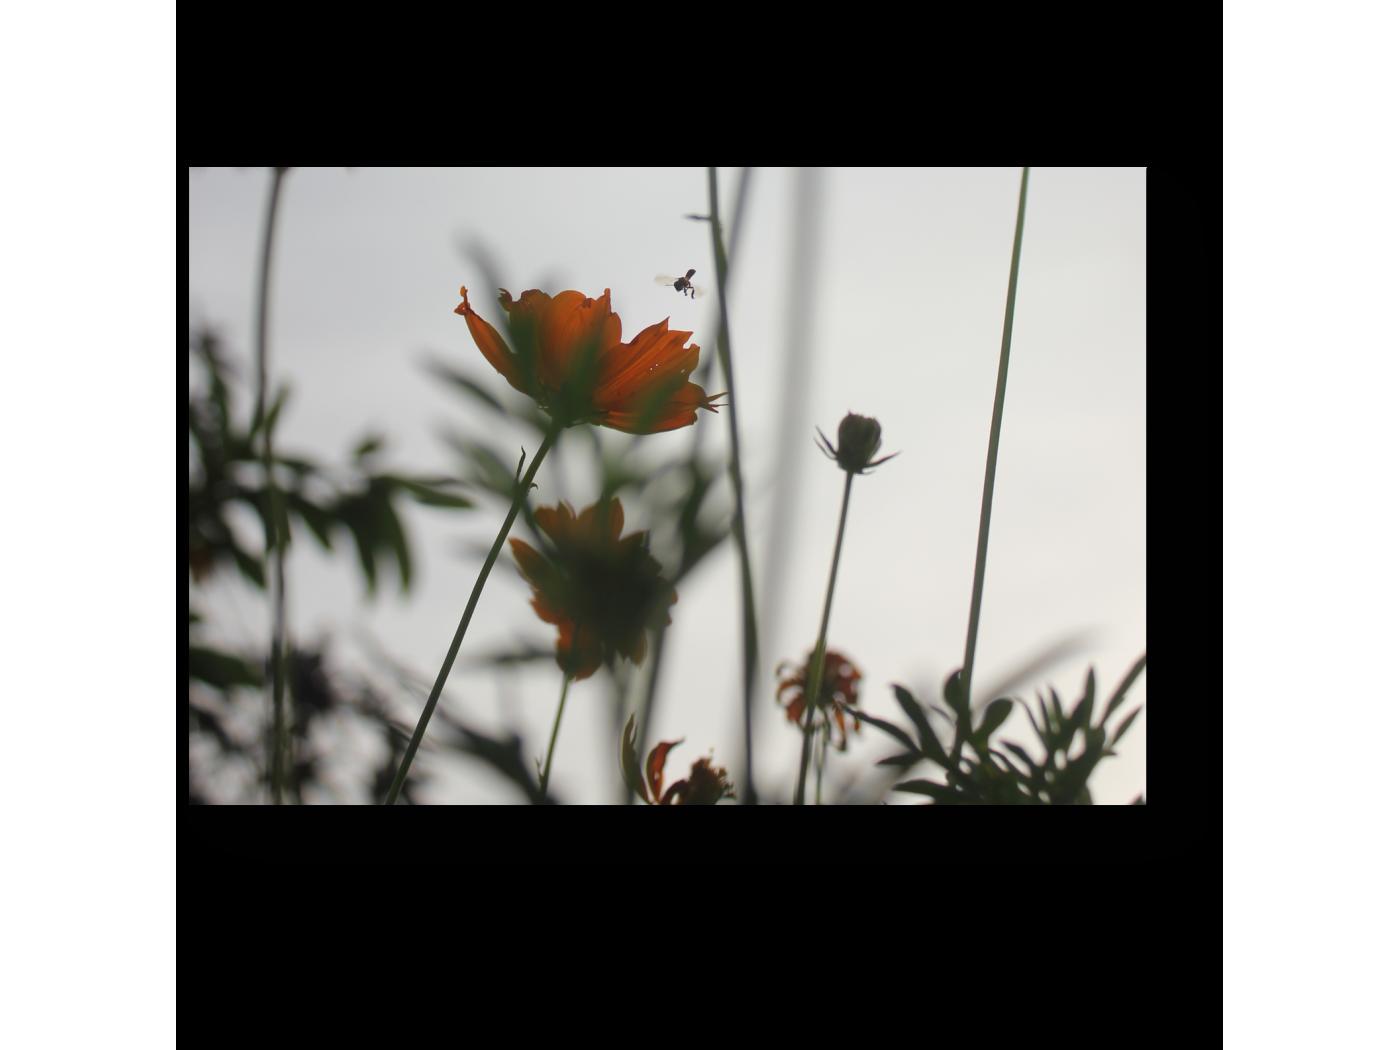 Модульная картина Цветы космеи в вечернем свете (30x20) фото